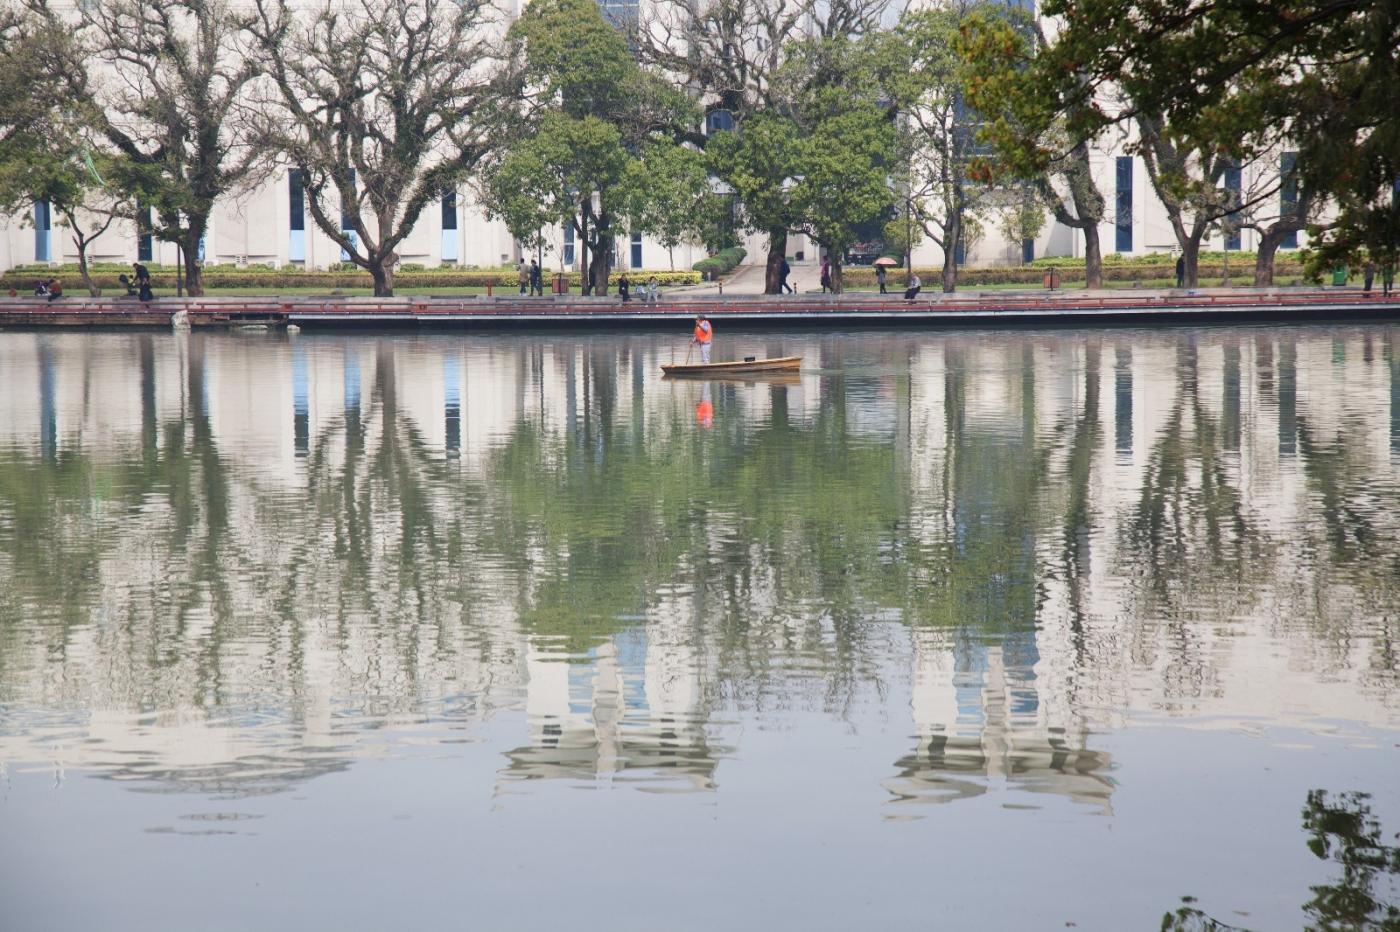 福州西湖公园,美景如画,赏心悦目,流连忘返_图1-19